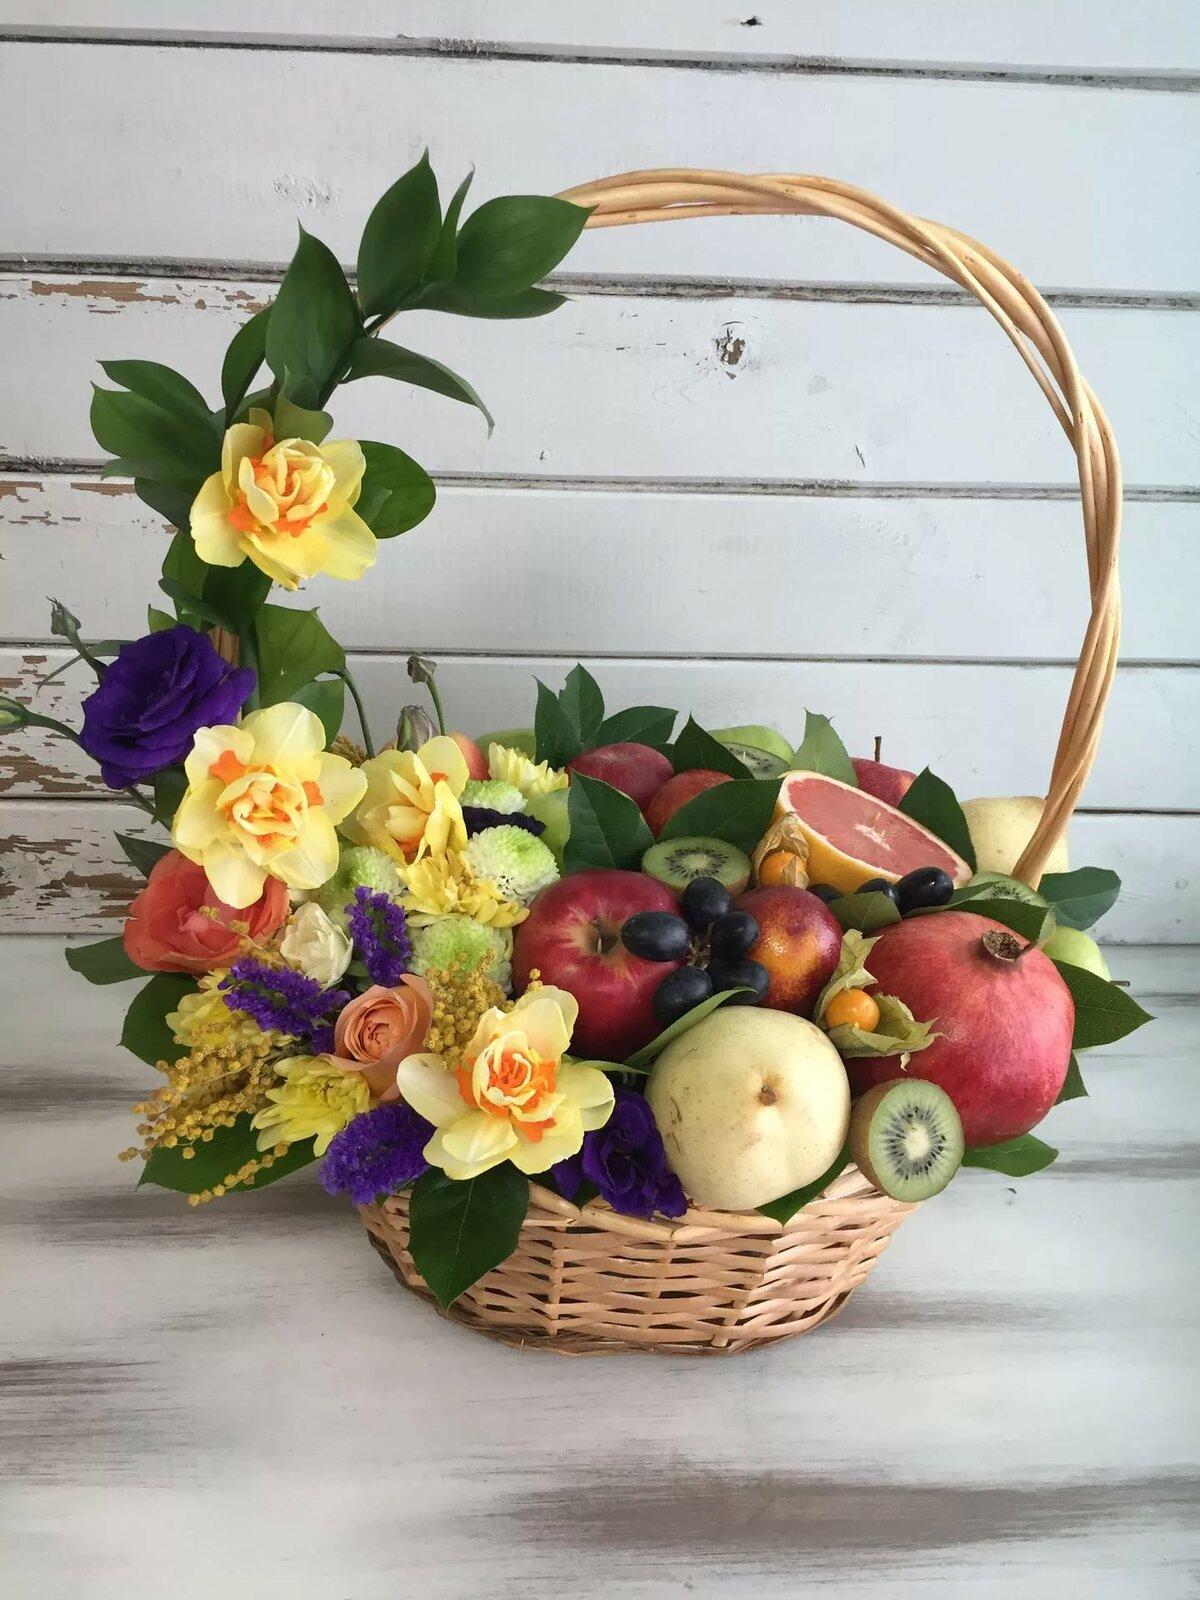 Картинки цветов и фруктов для оформления